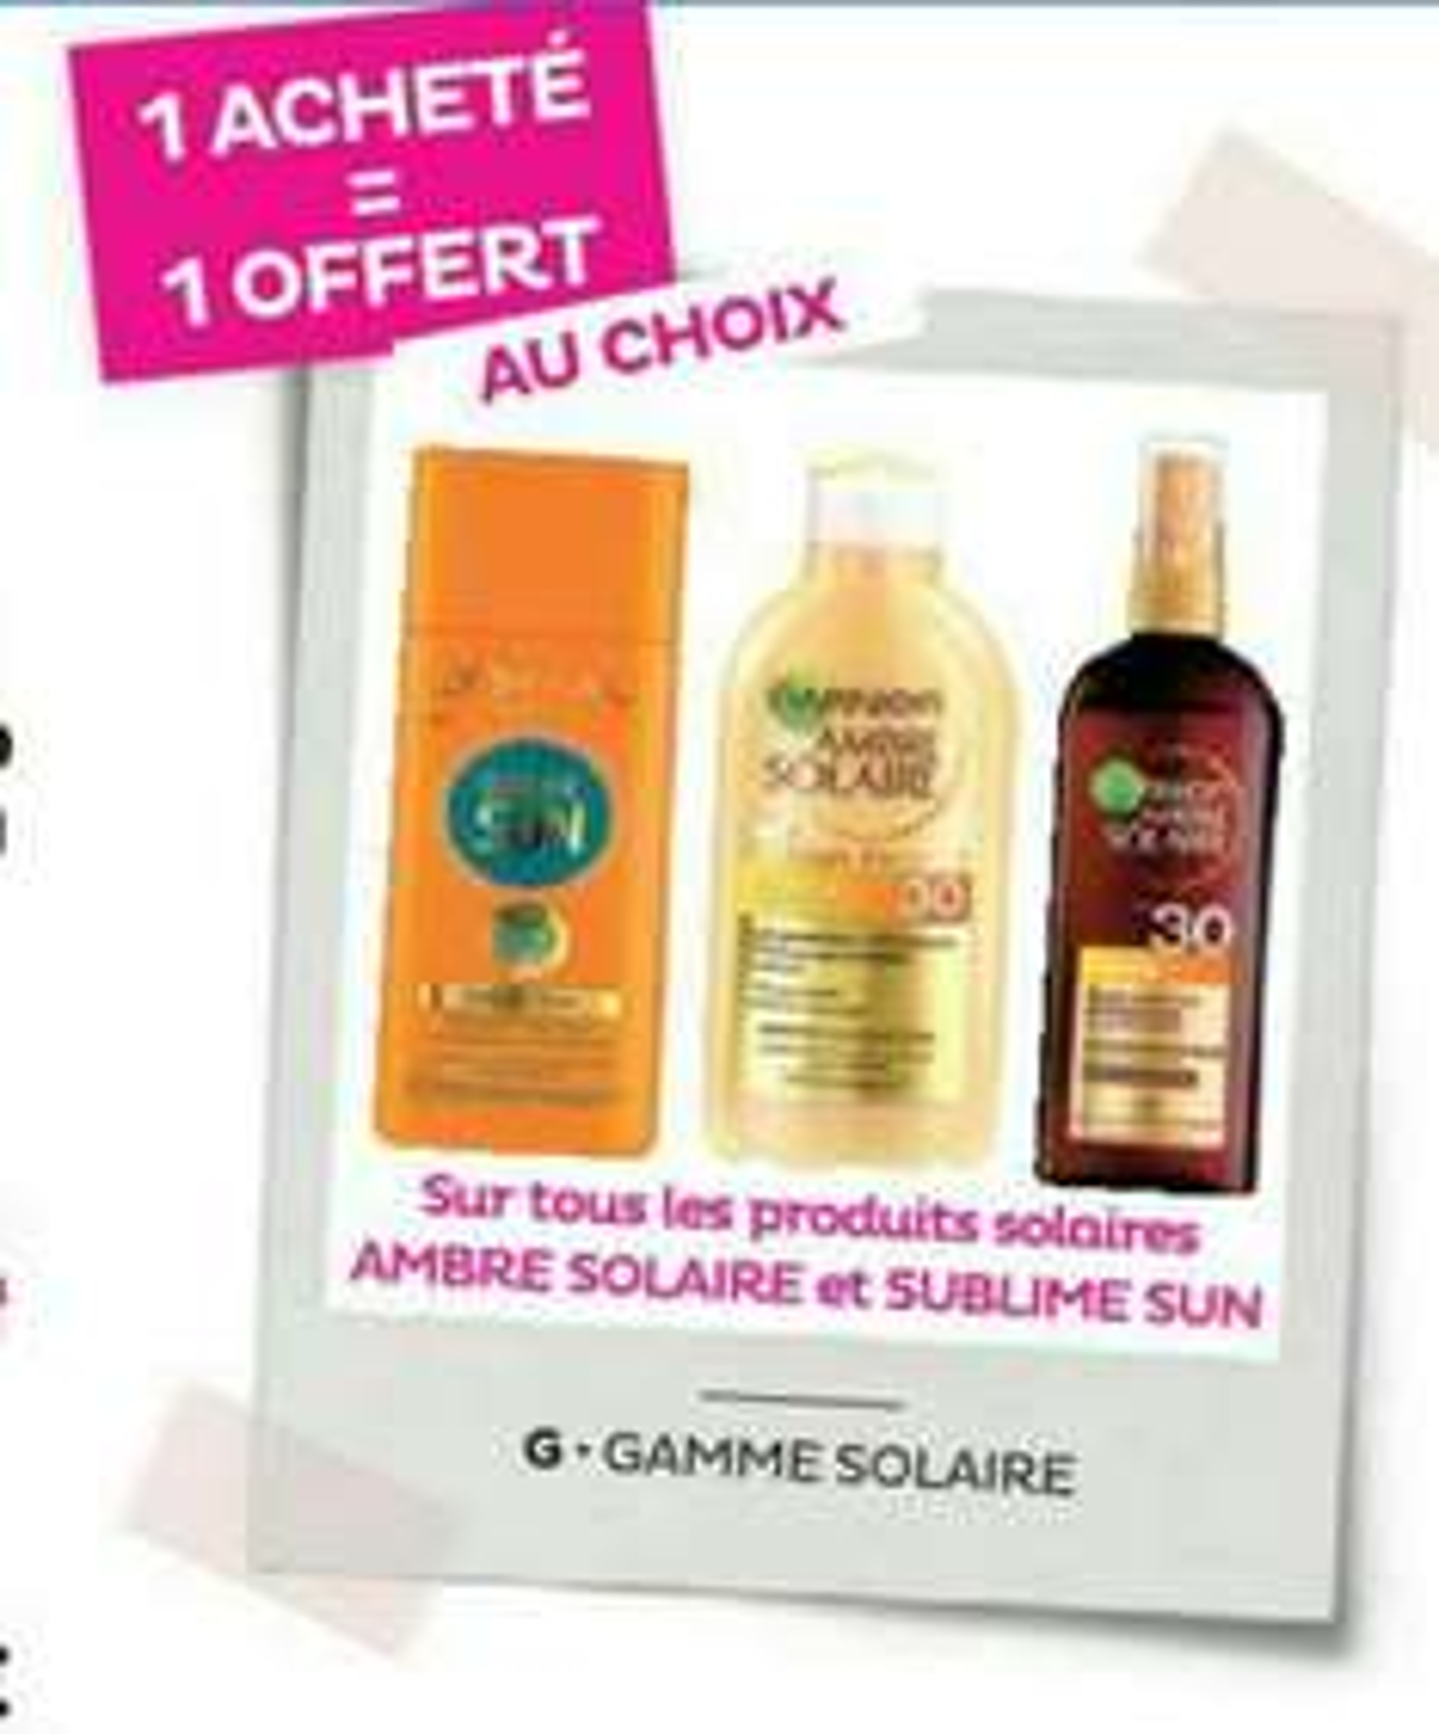 1 spray protection solaire acheté = 1 offert (Marques Ambre Solaire et L'Oréal Sublime), soit le spay